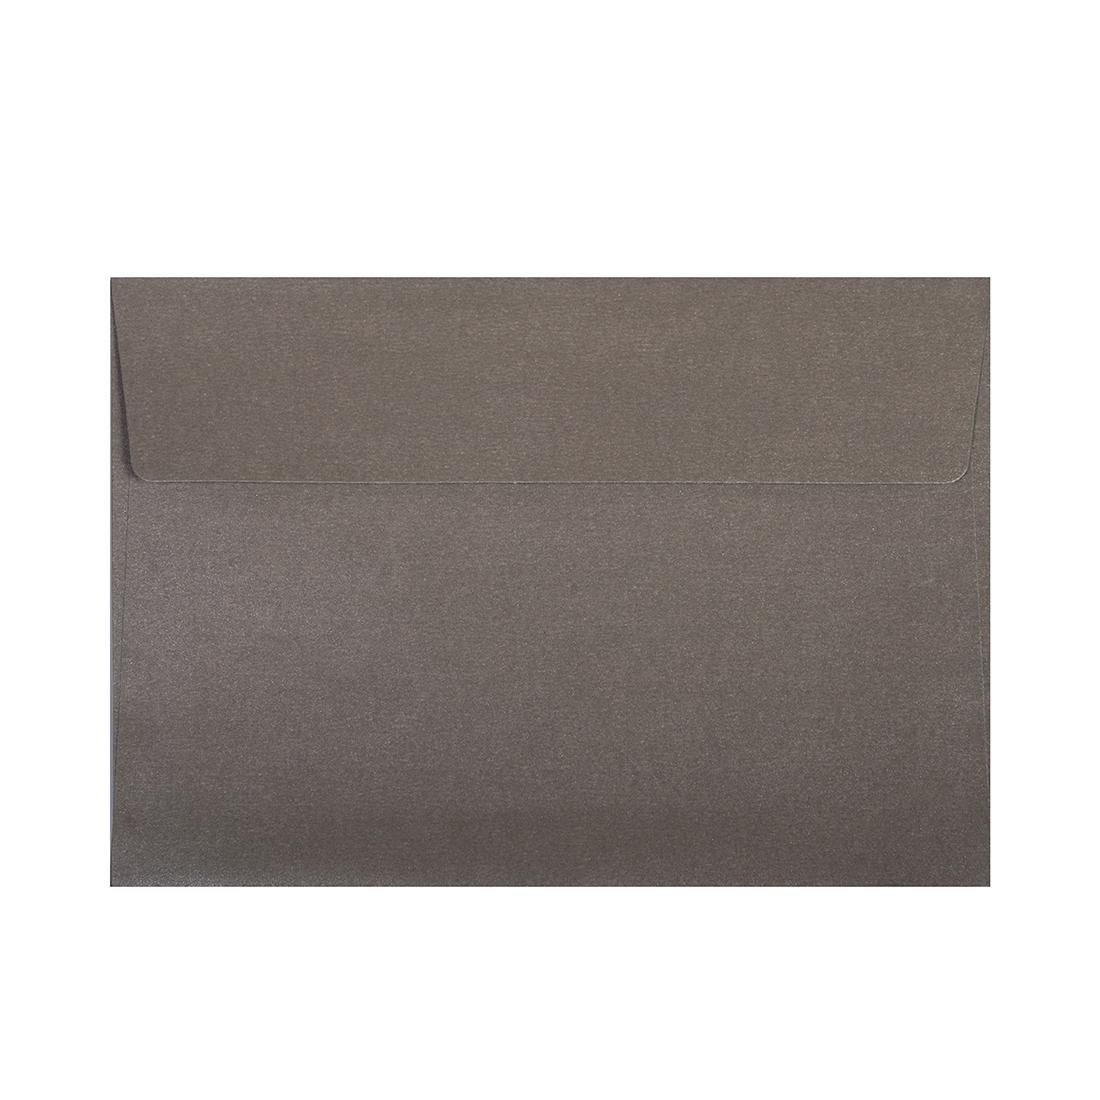 Wysokiej jakości koperty ozdobne - O.Koperta C6 - PERŁA - 120 g/m² - szary - 10 sztuk